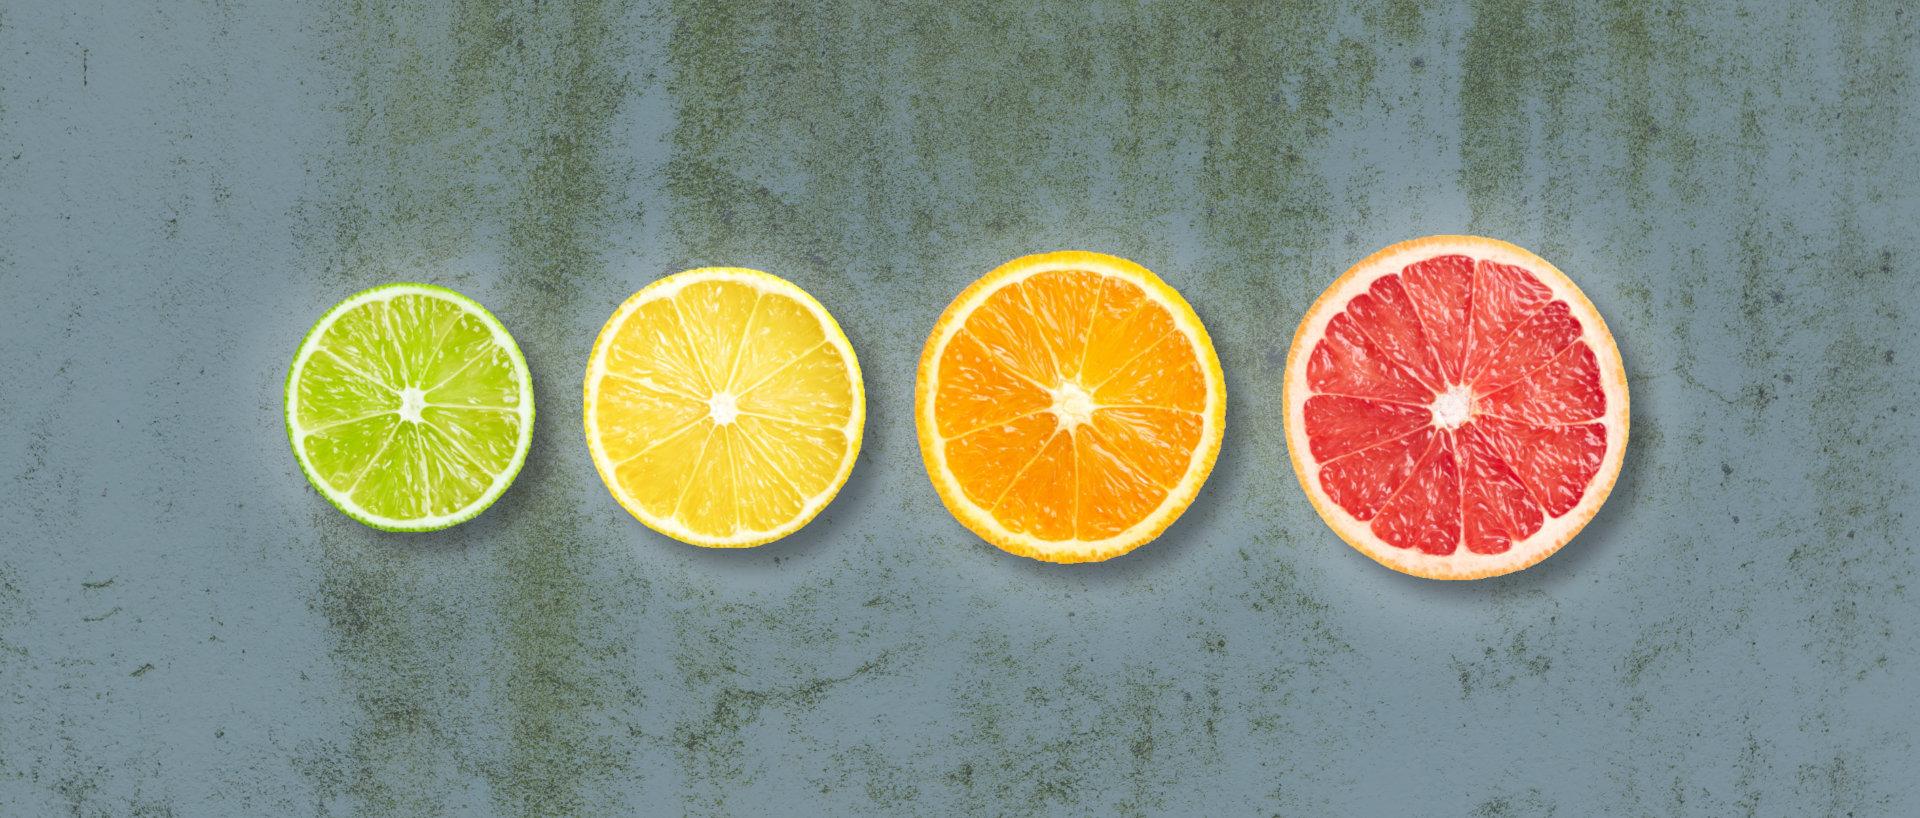 Økologiske citrusfrugter til lemonade på række